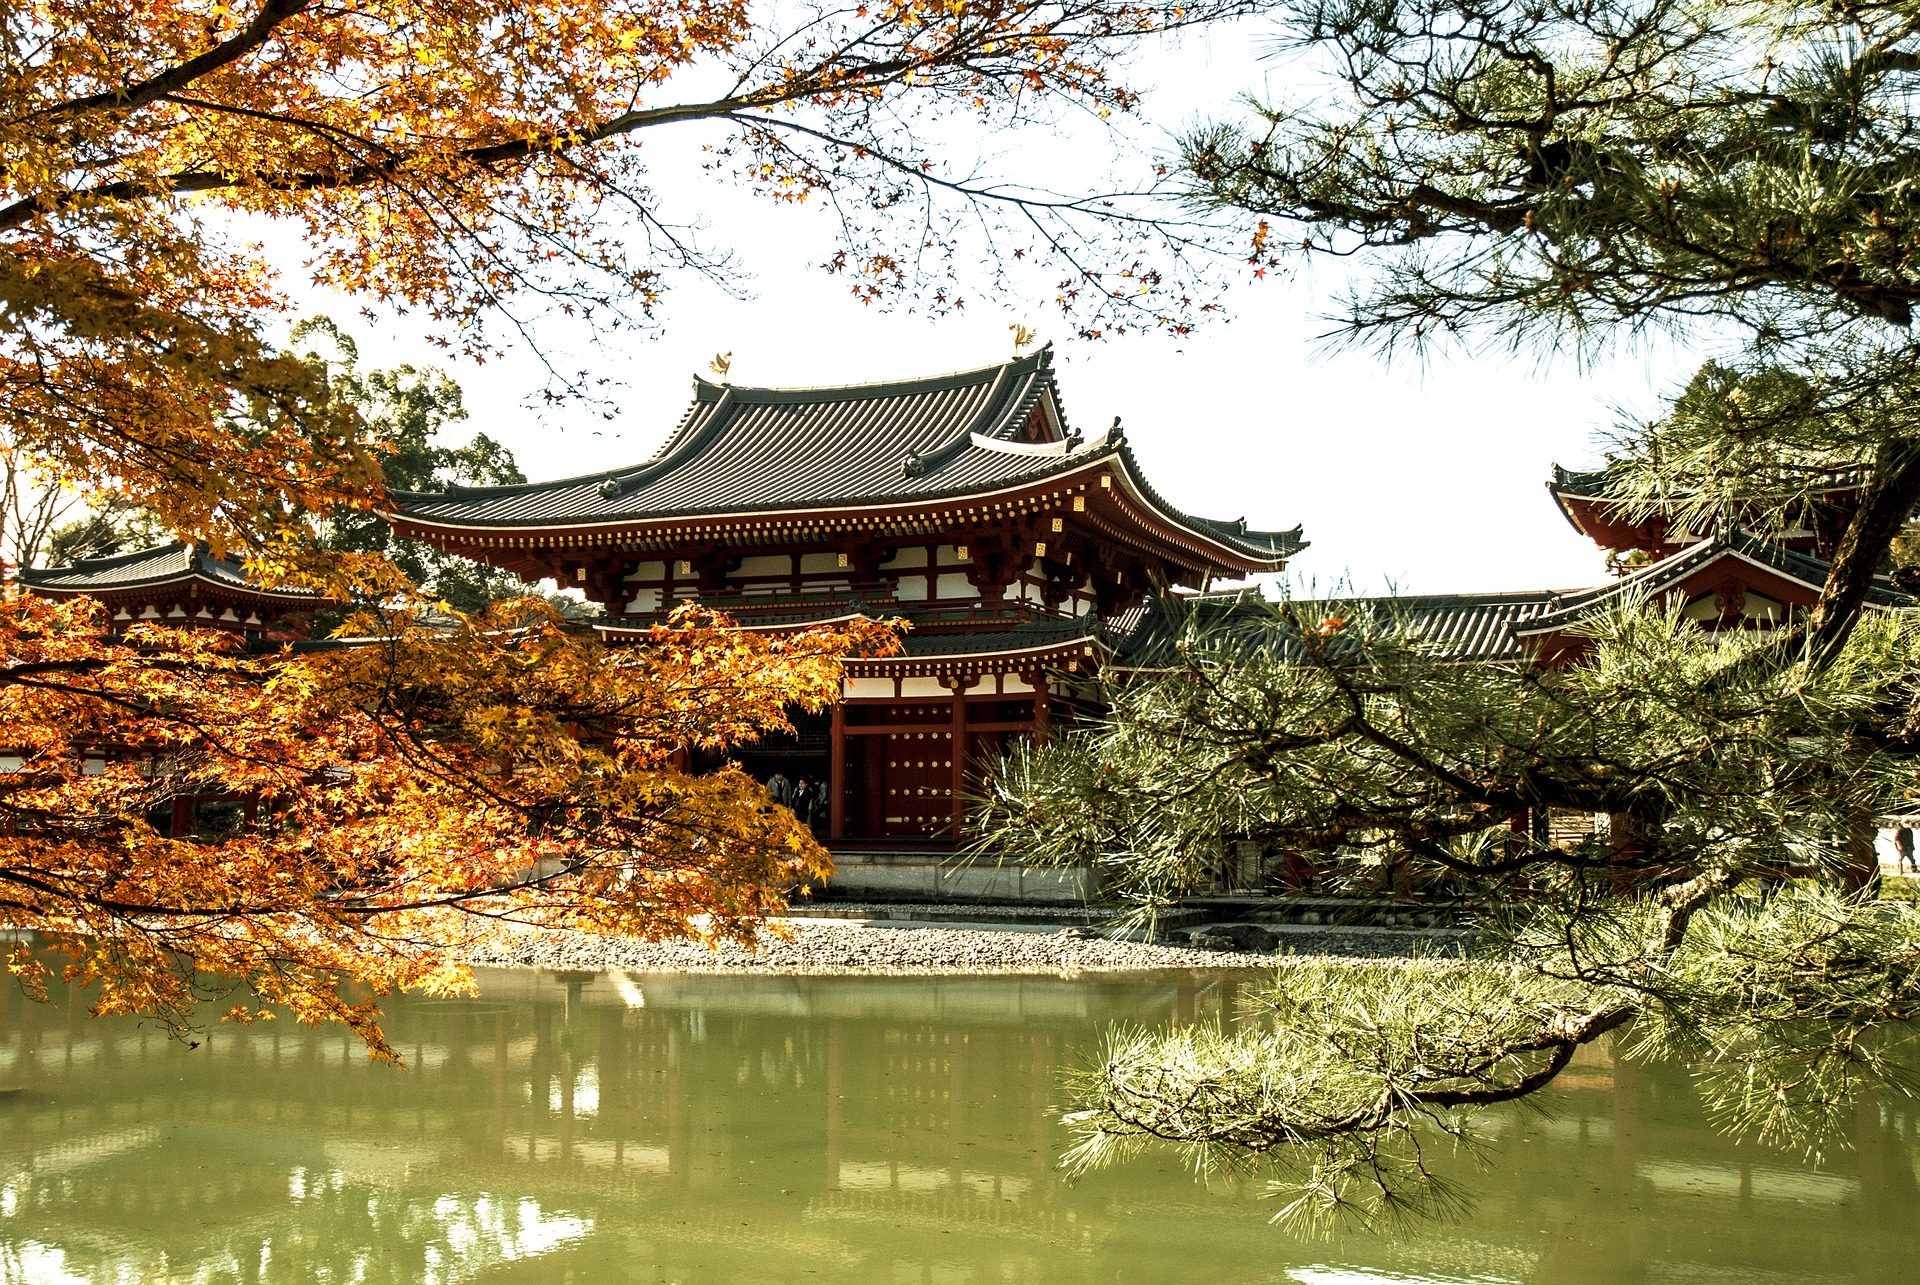 templo, lago, jardín, ancestros, kyoto, japón - Fondos de Pantalla HD - professor-falken.com